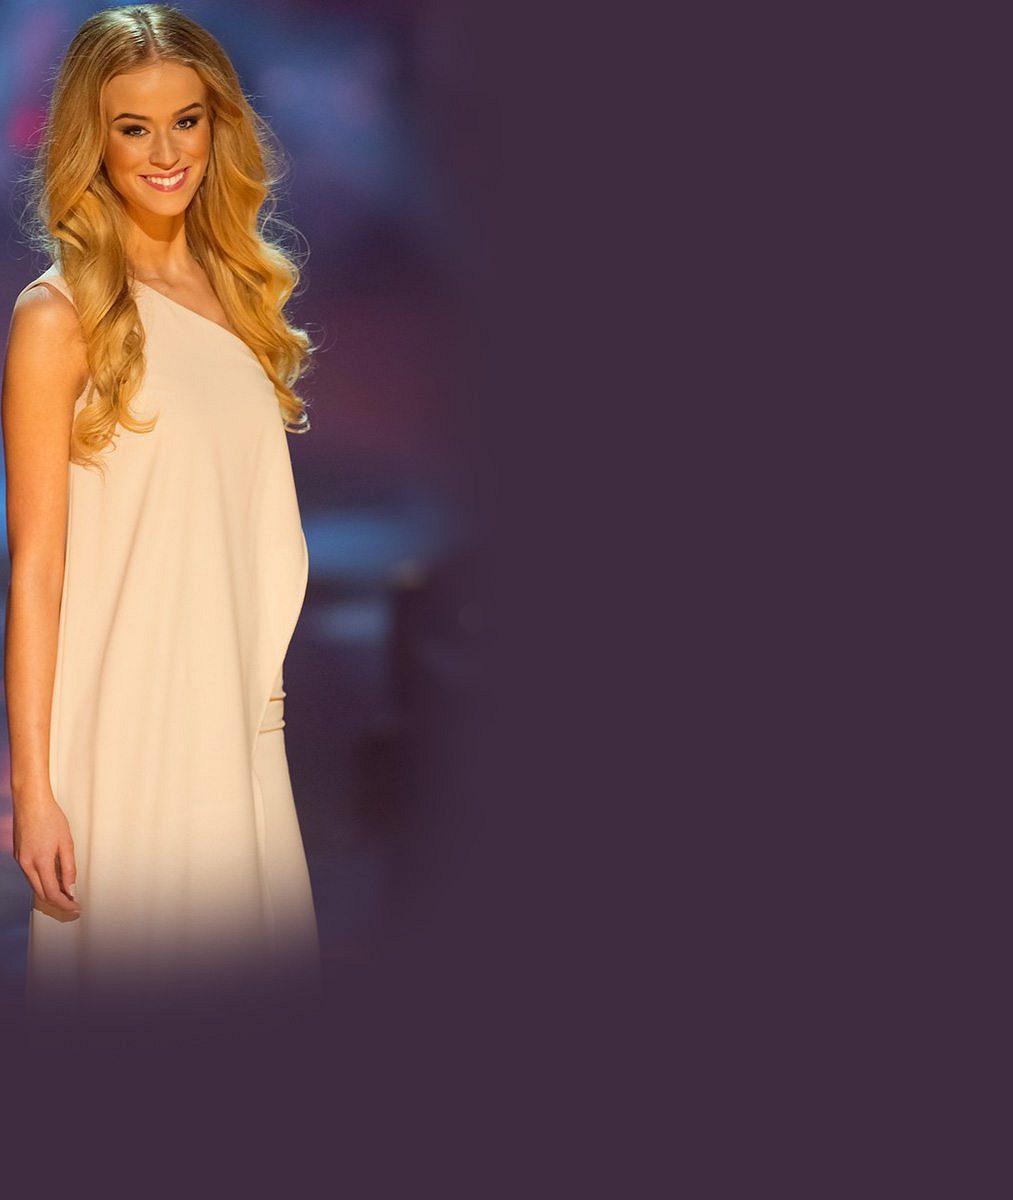 Korunku pro nejkrásnější Slovenku si odnesla blondýnka Lujza. Co na ni říkáte?